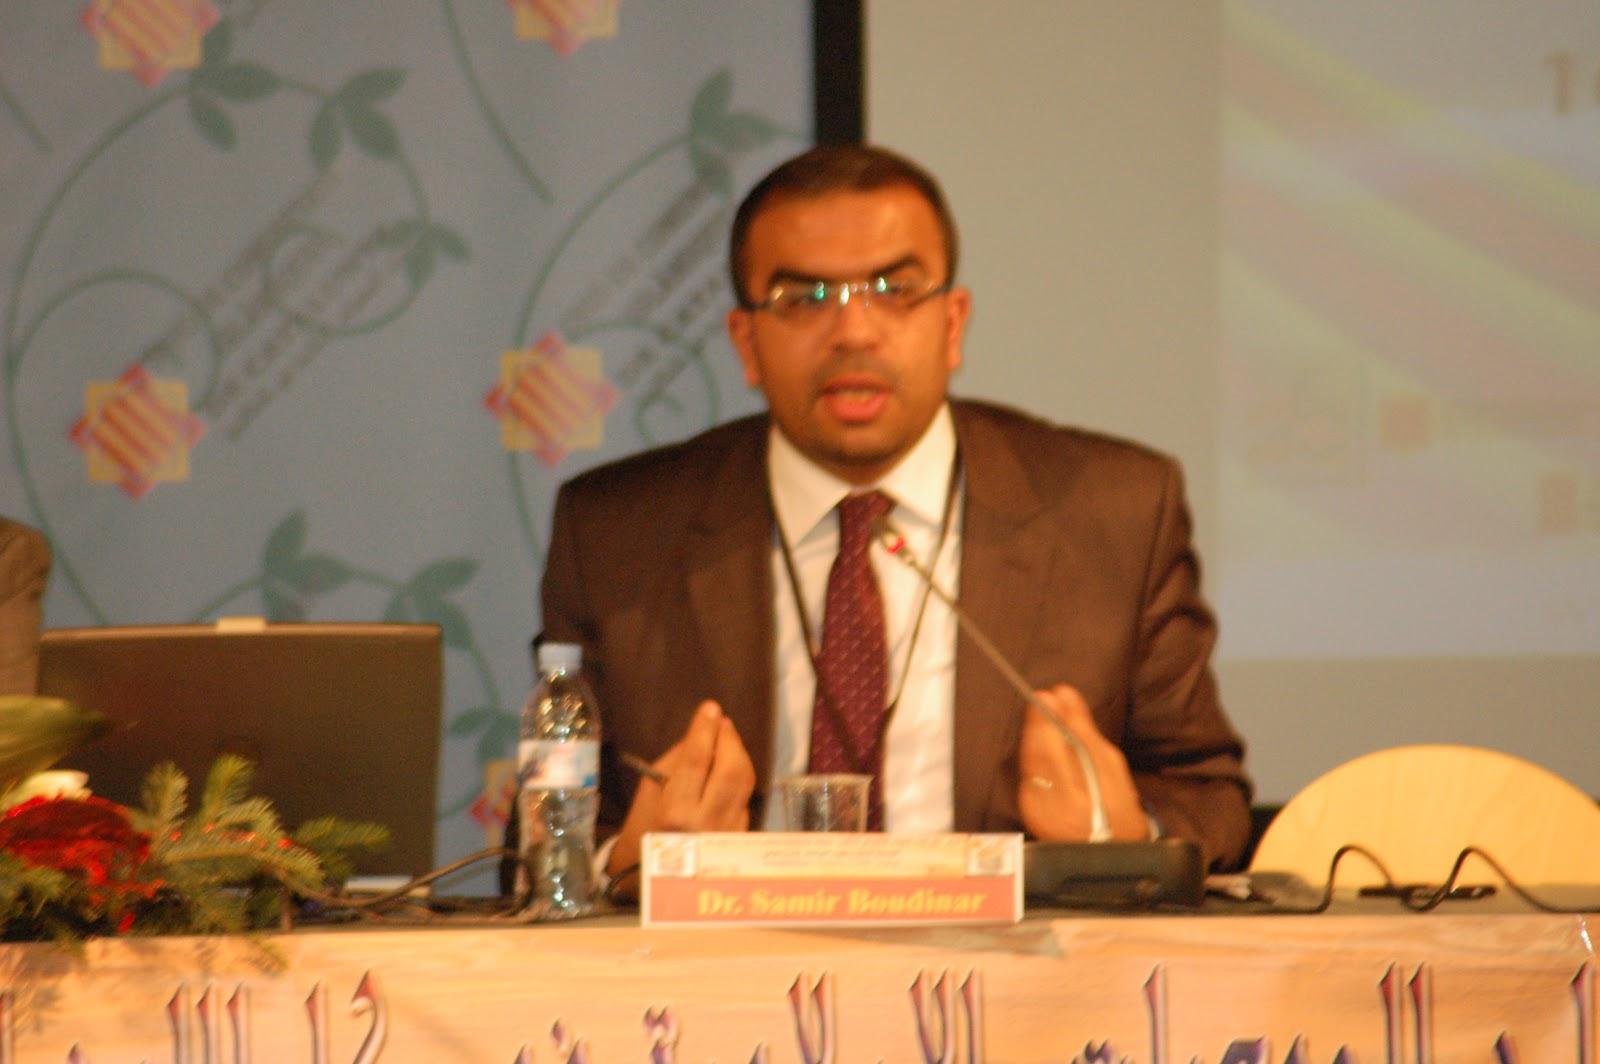 الممارسة الدينية بين العلمانية والحرية الدينية ACT: SAMIR Boudinar